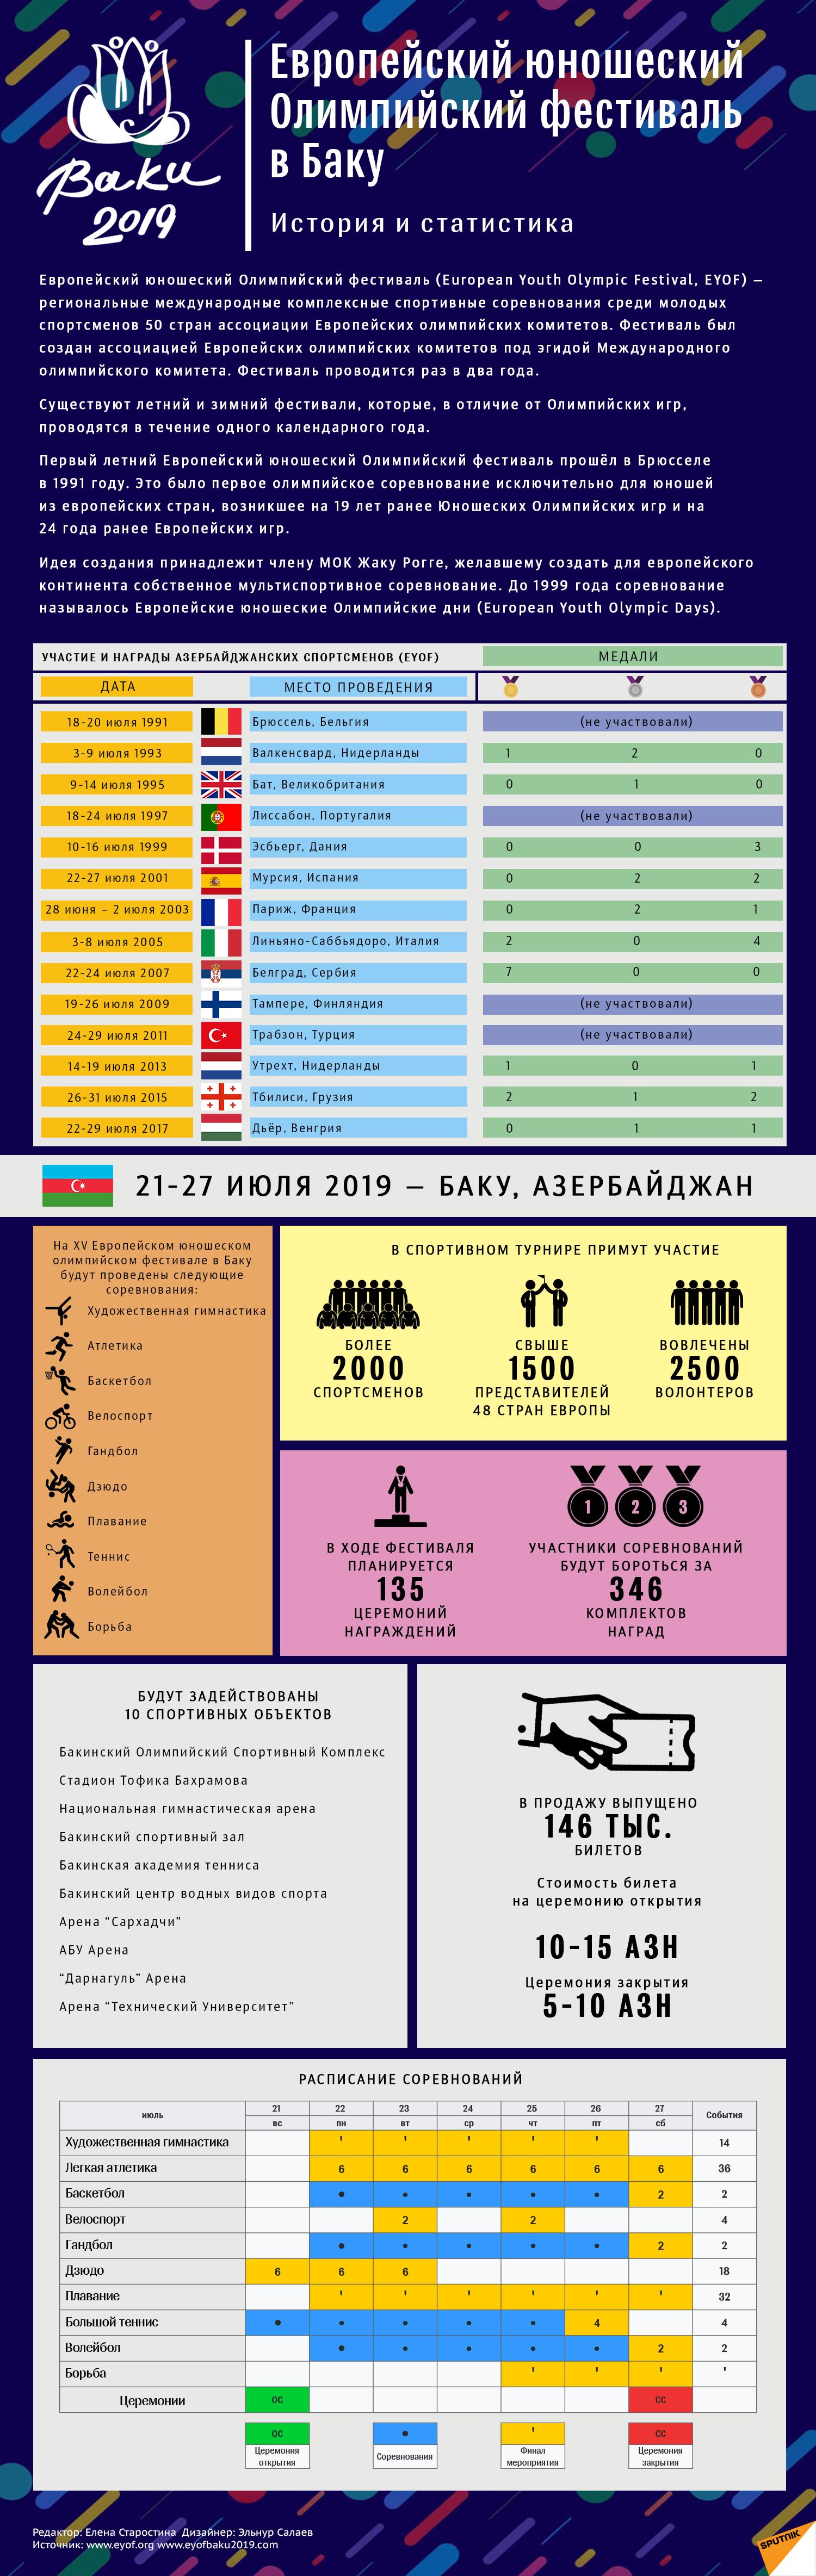 ИНФОГРАФИКА Европейский олимпийский фестиваль в Баку - Sputnik Азербайджан